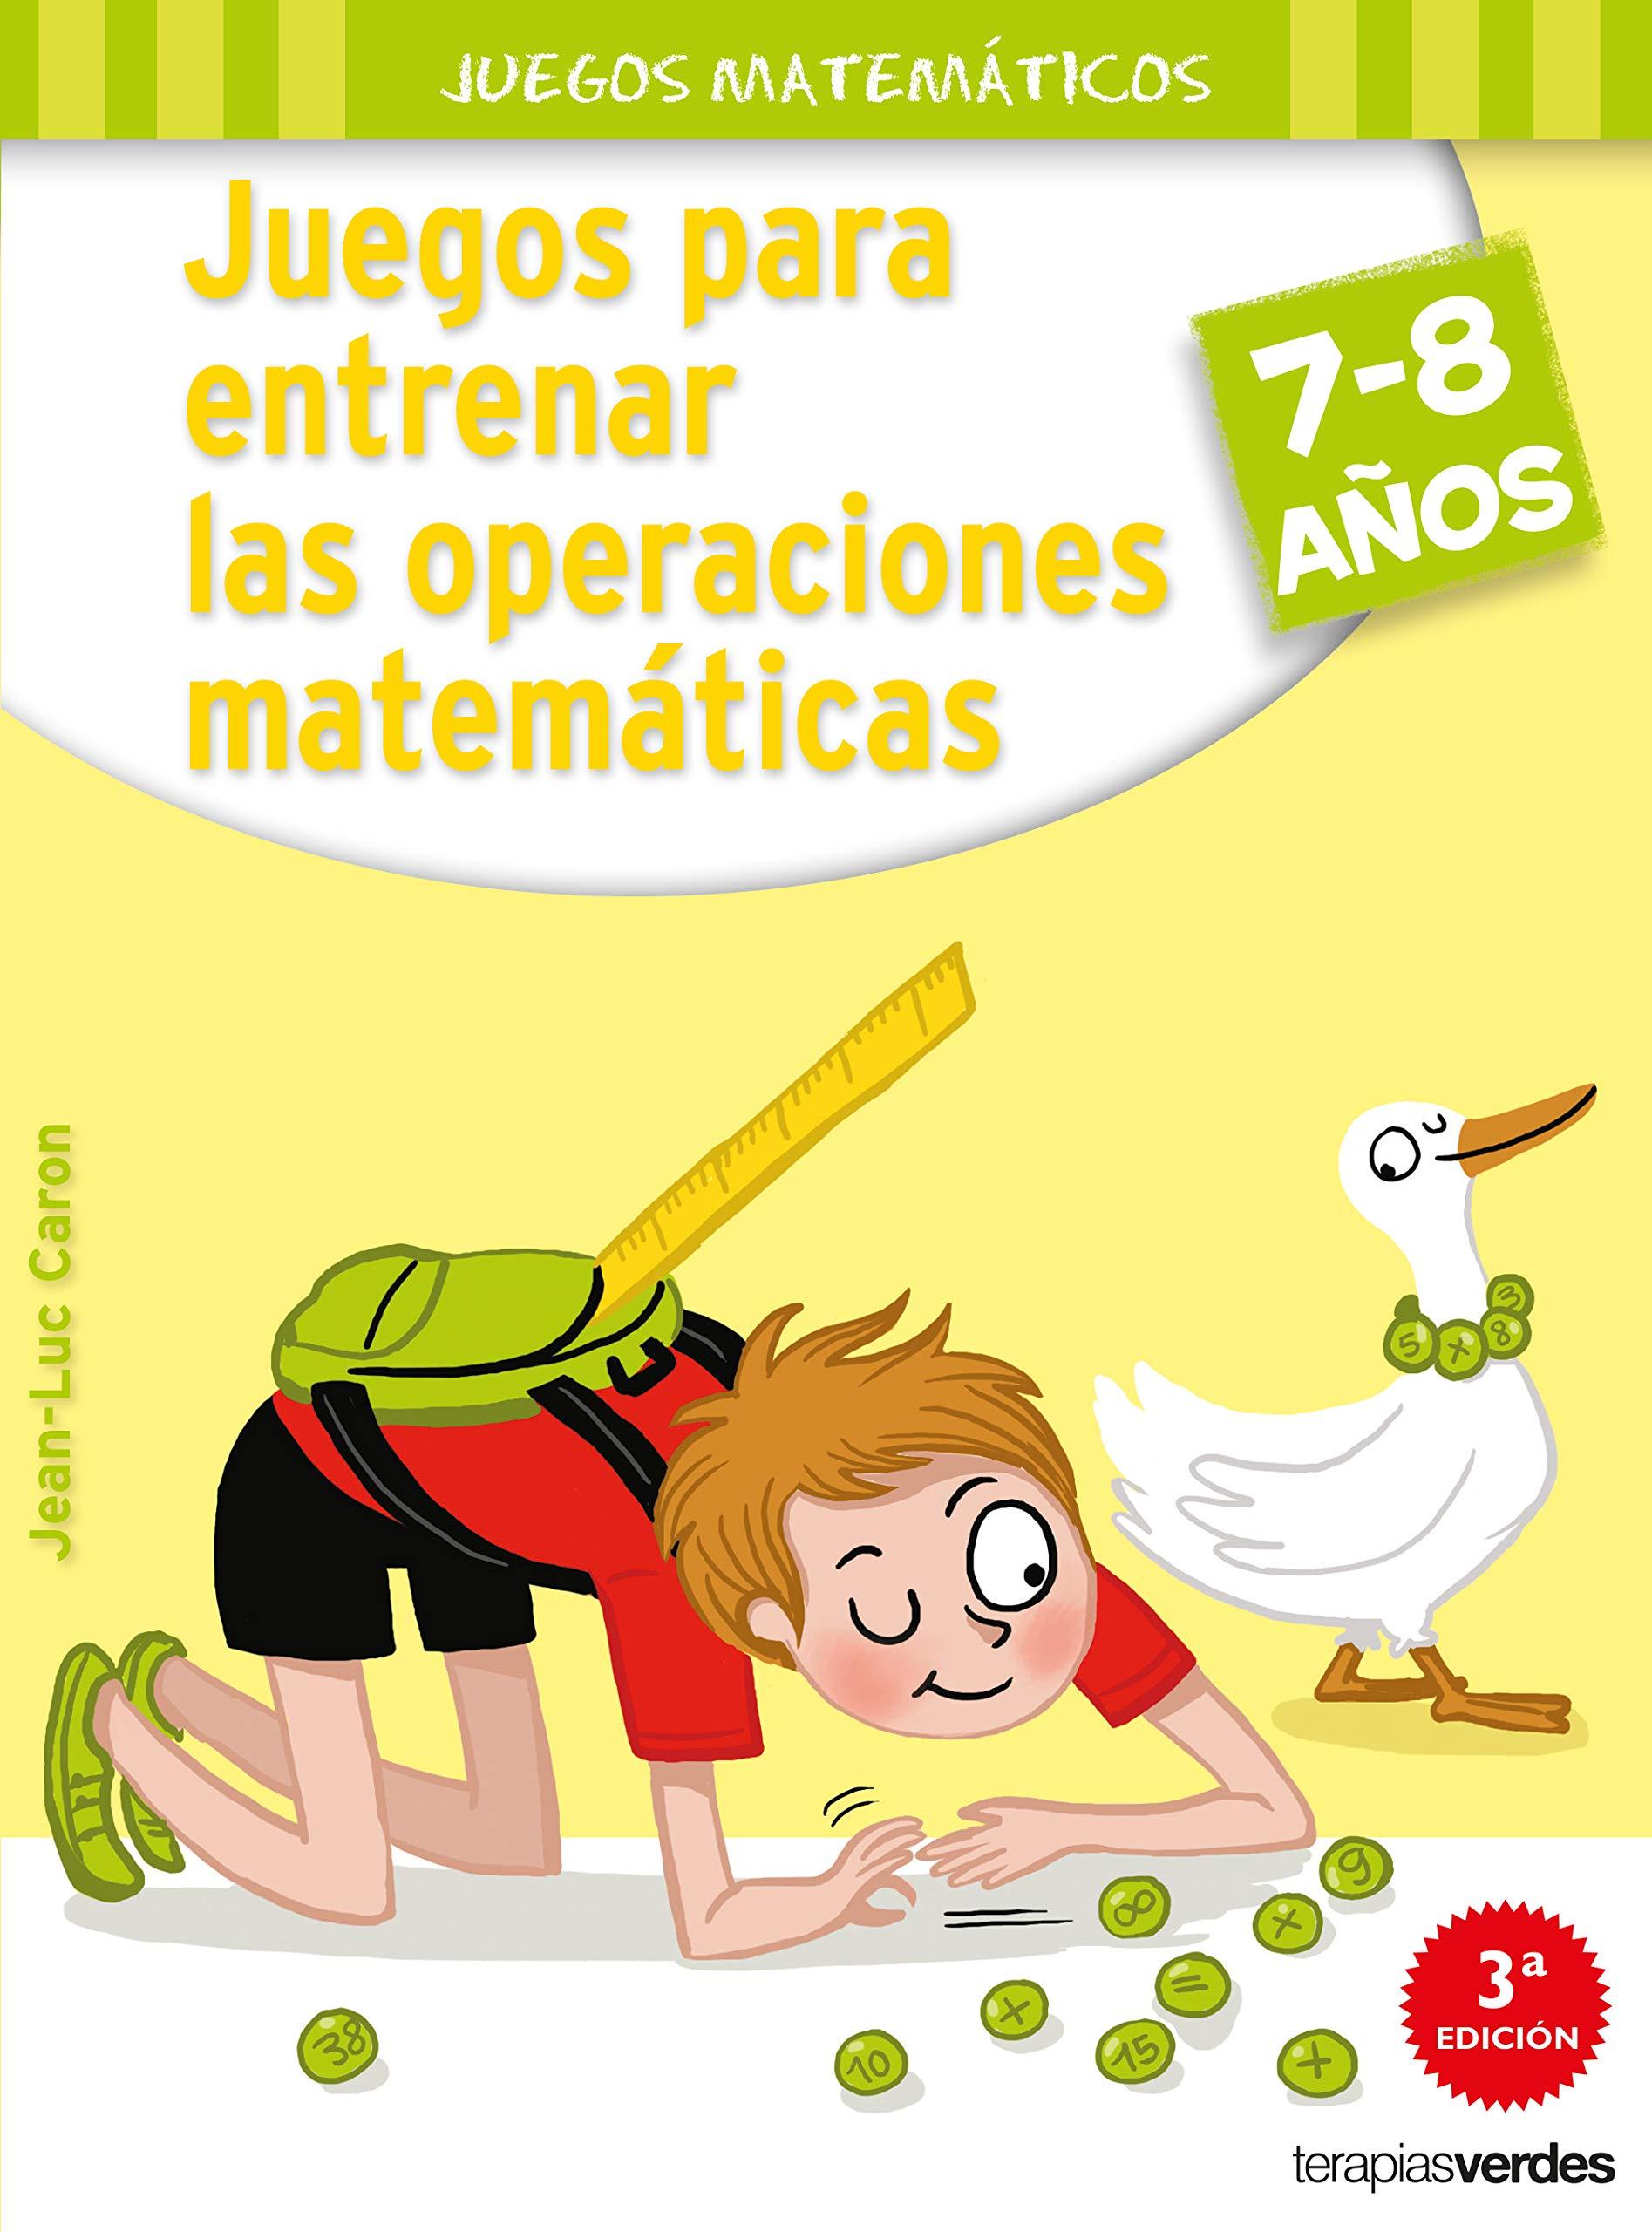 Juegos para entrenar las operaciones matemáticas 7-8 Terapias Juegos  Didácticos: Amazon.es: J. L. CARON, Susana Peralta Lugones: Libros